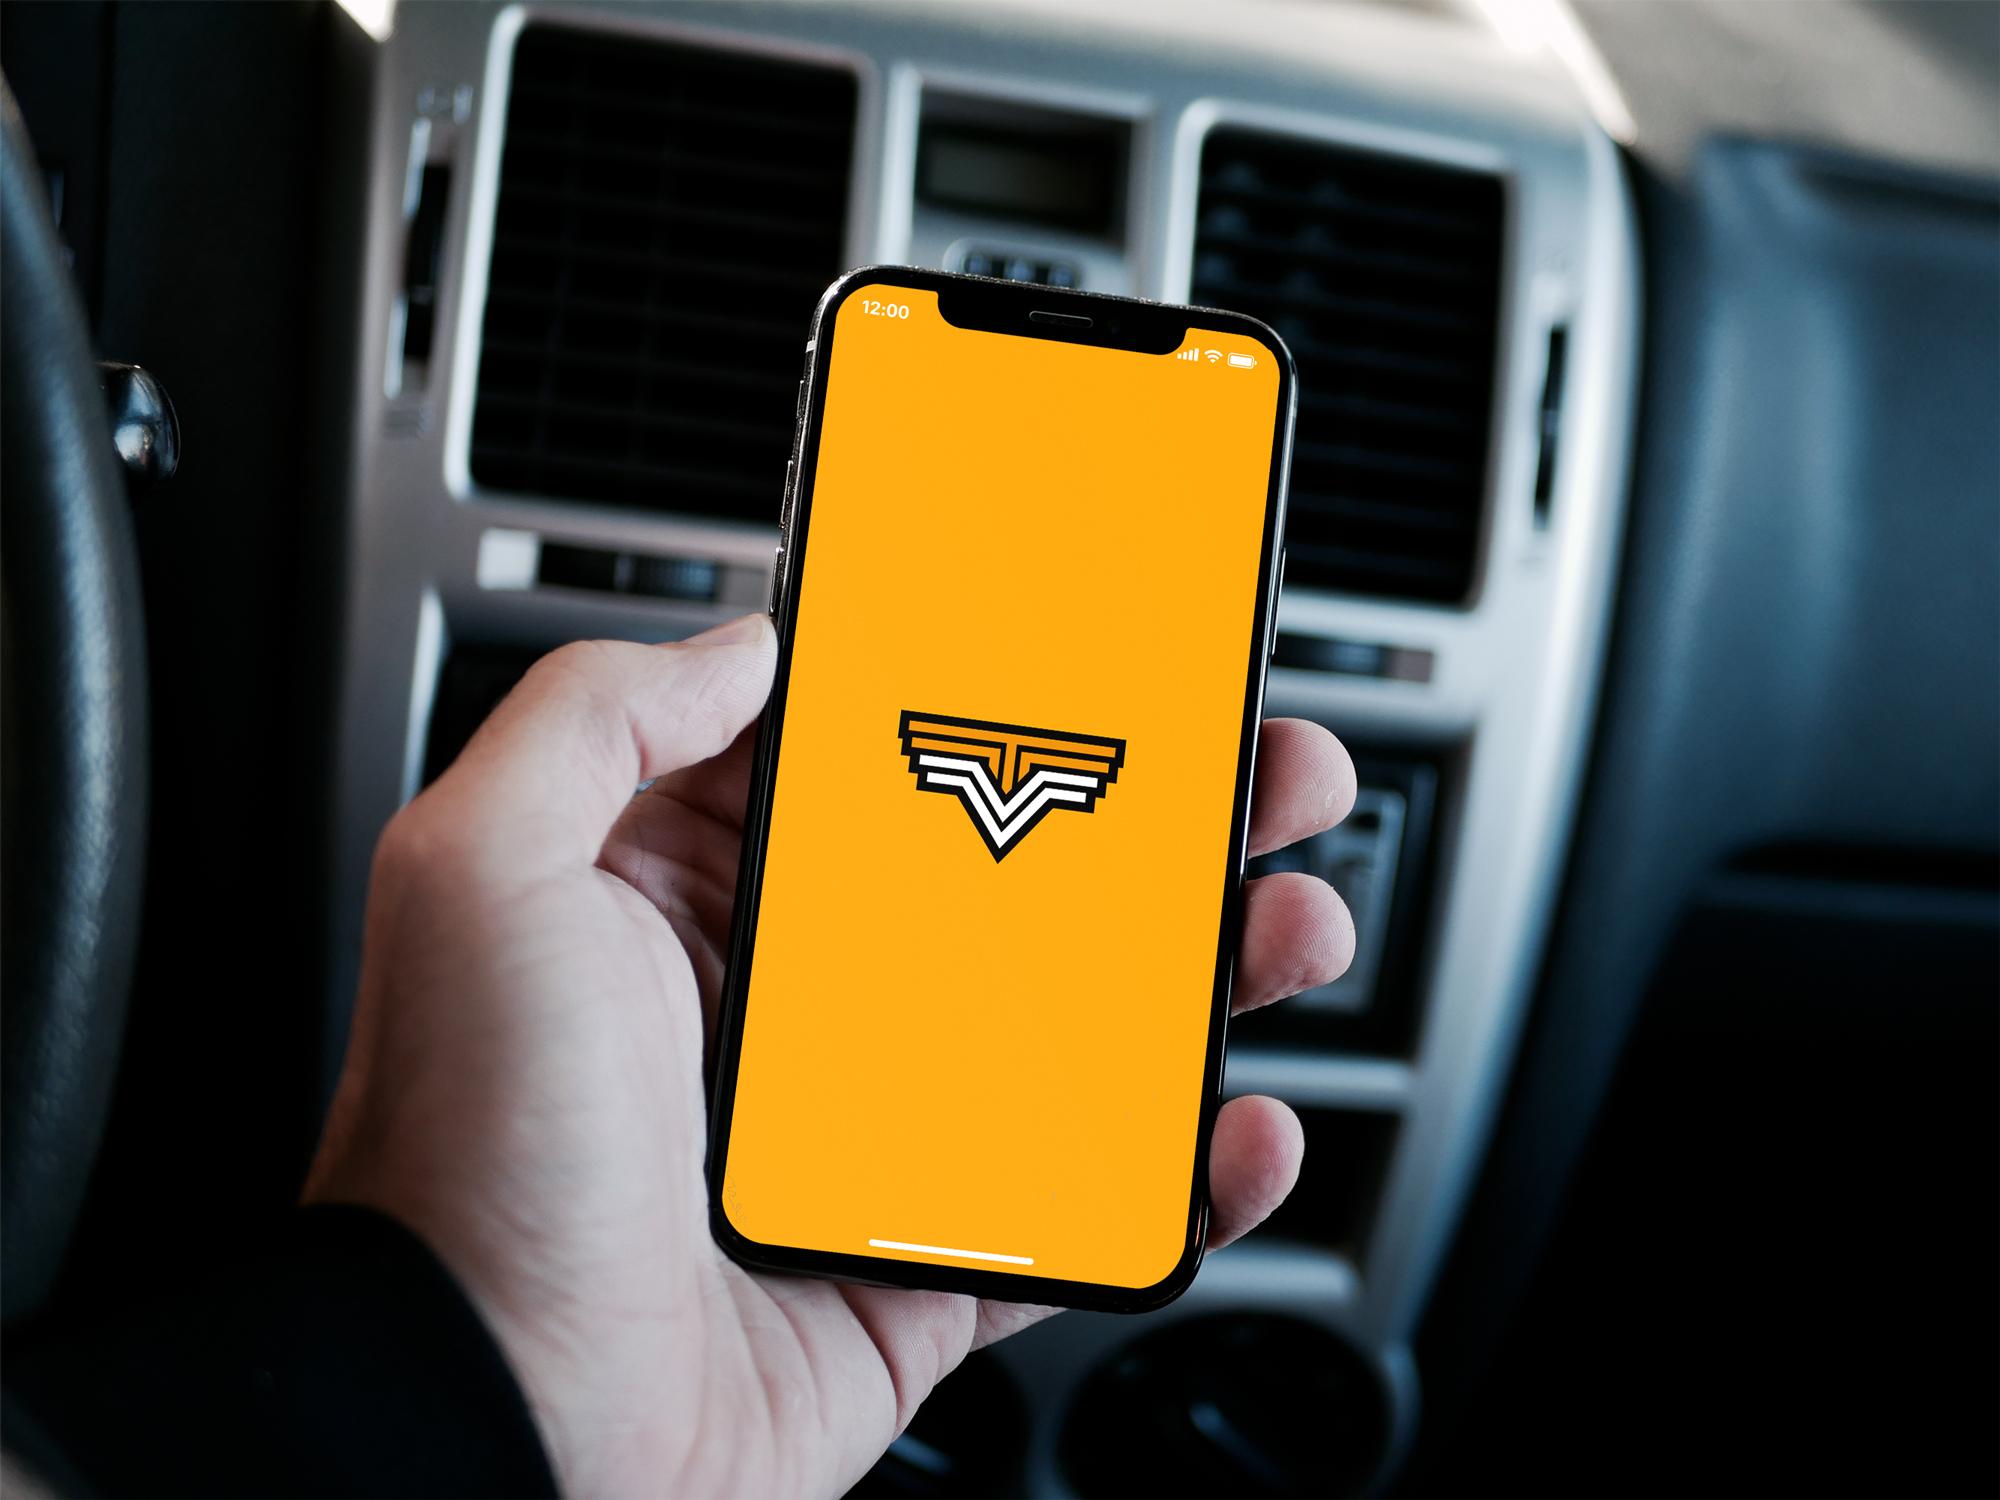 Разработка логотипа и фирменного стиля для такси фото f_4275b9e7e902a6d8.jpg